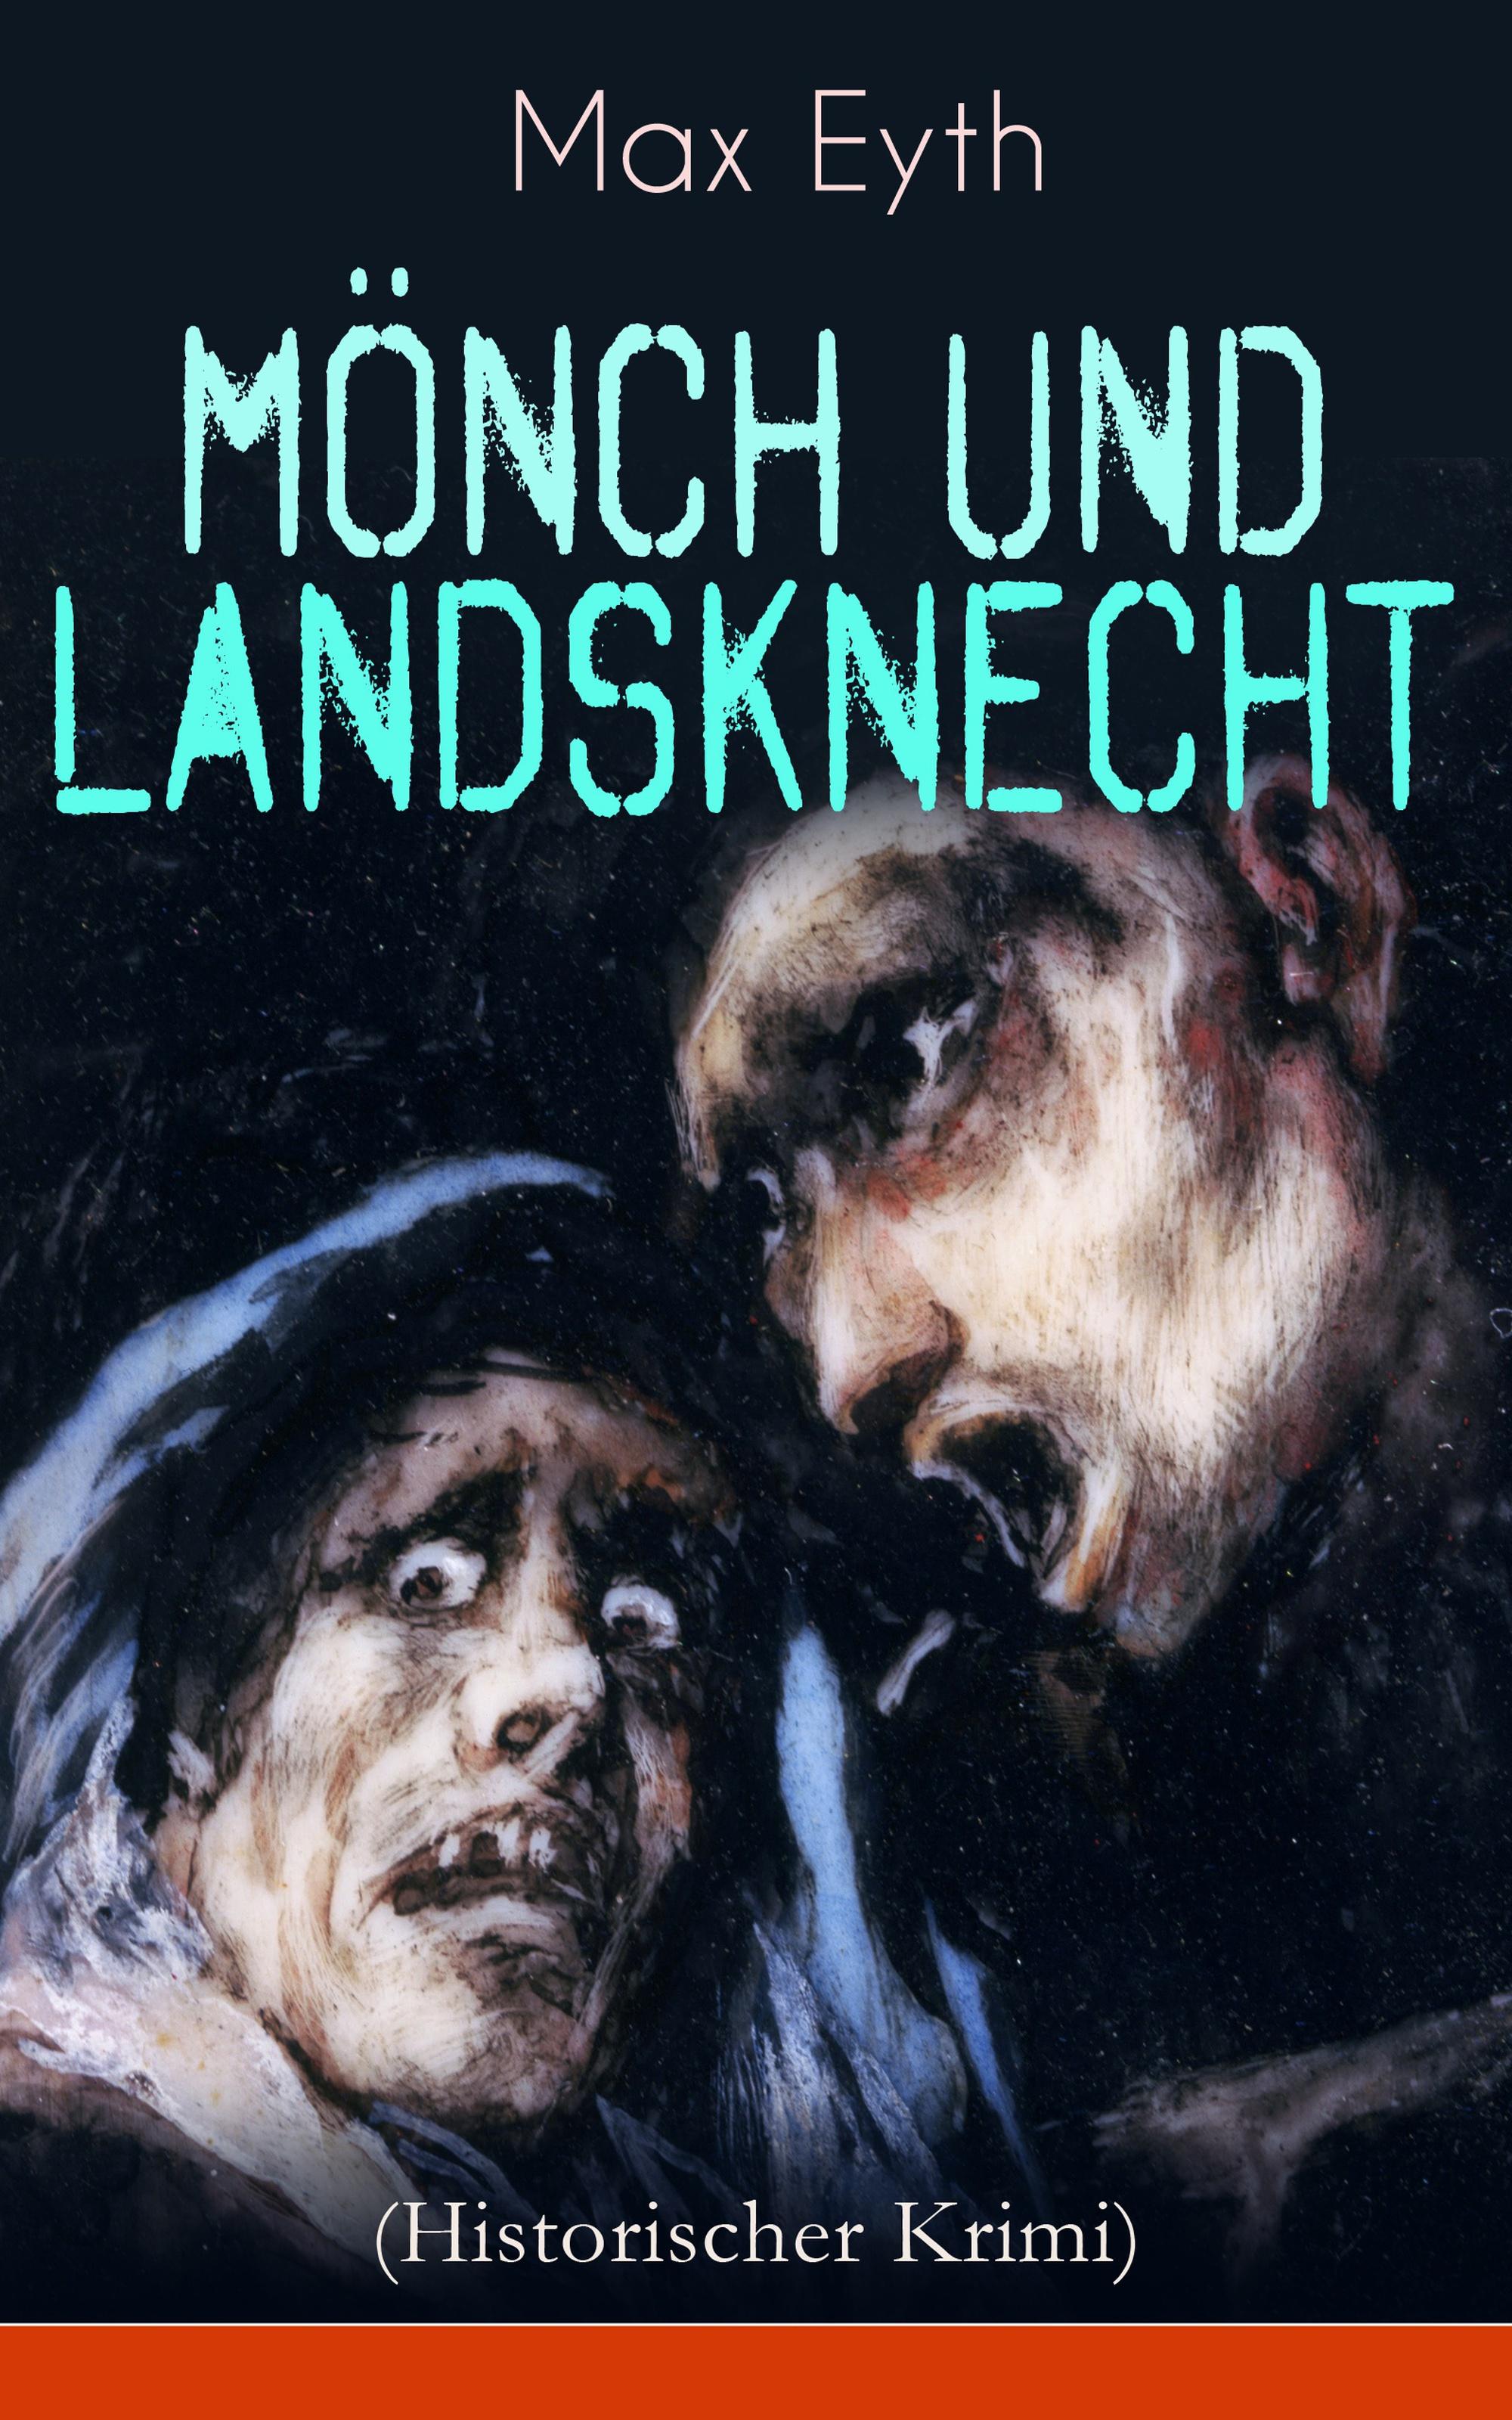 Max Eyth Mönch und Landsknecht (Historischer Krimi)